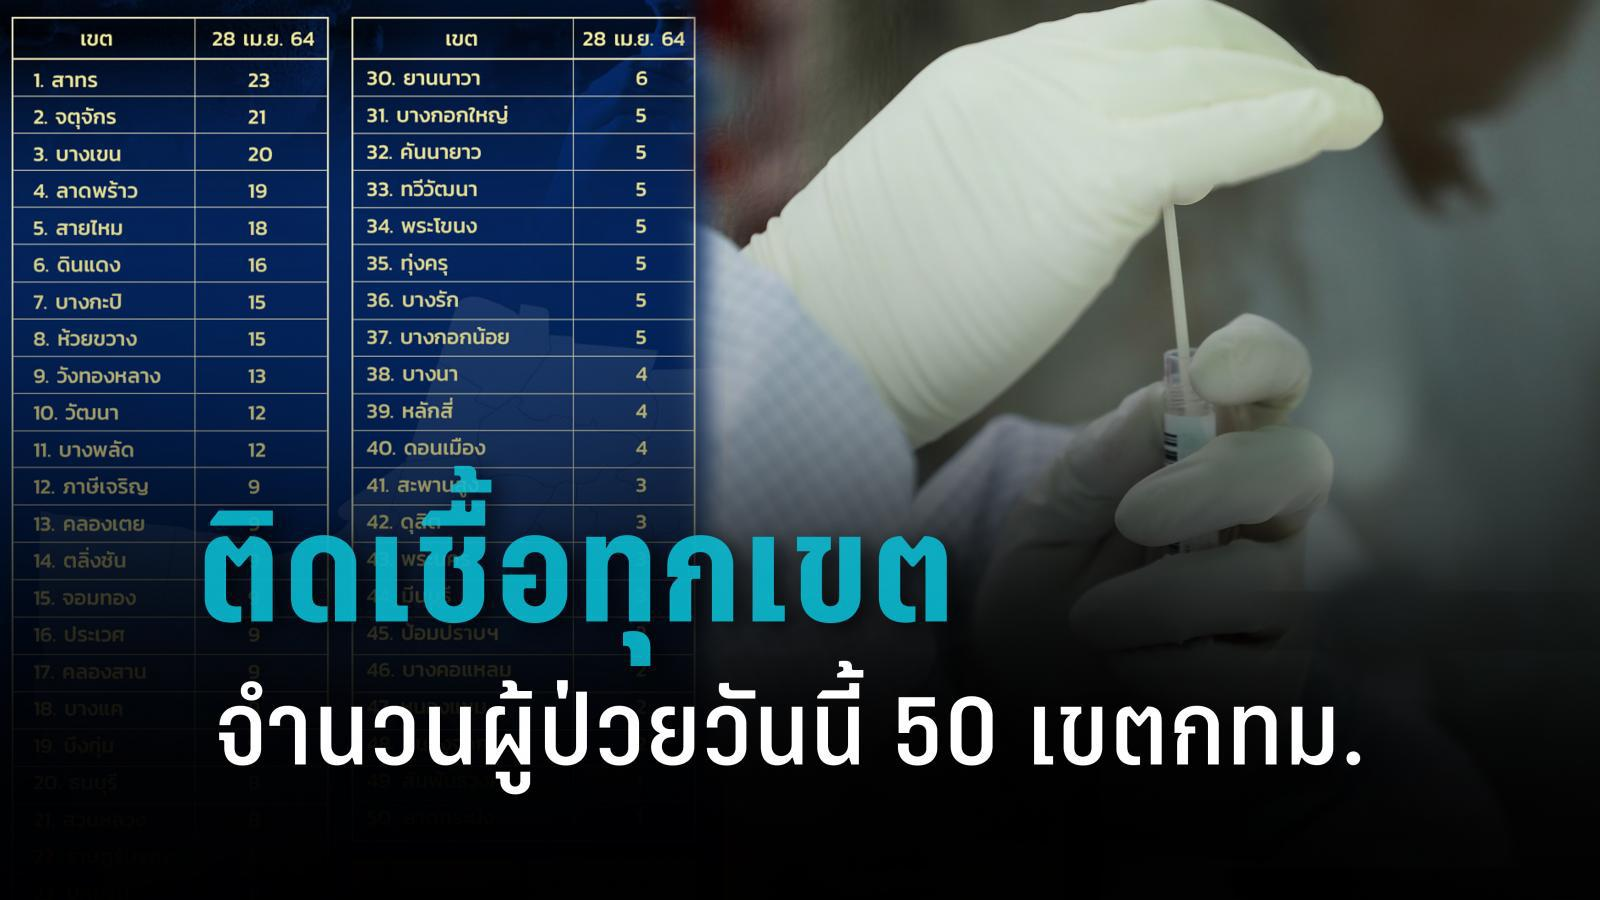 เช็ก 50 เขตกทม. จำนวนผู้ป่วยโควิด-19 วันนี้ พบผู้ติดเชื้อทุกเขต